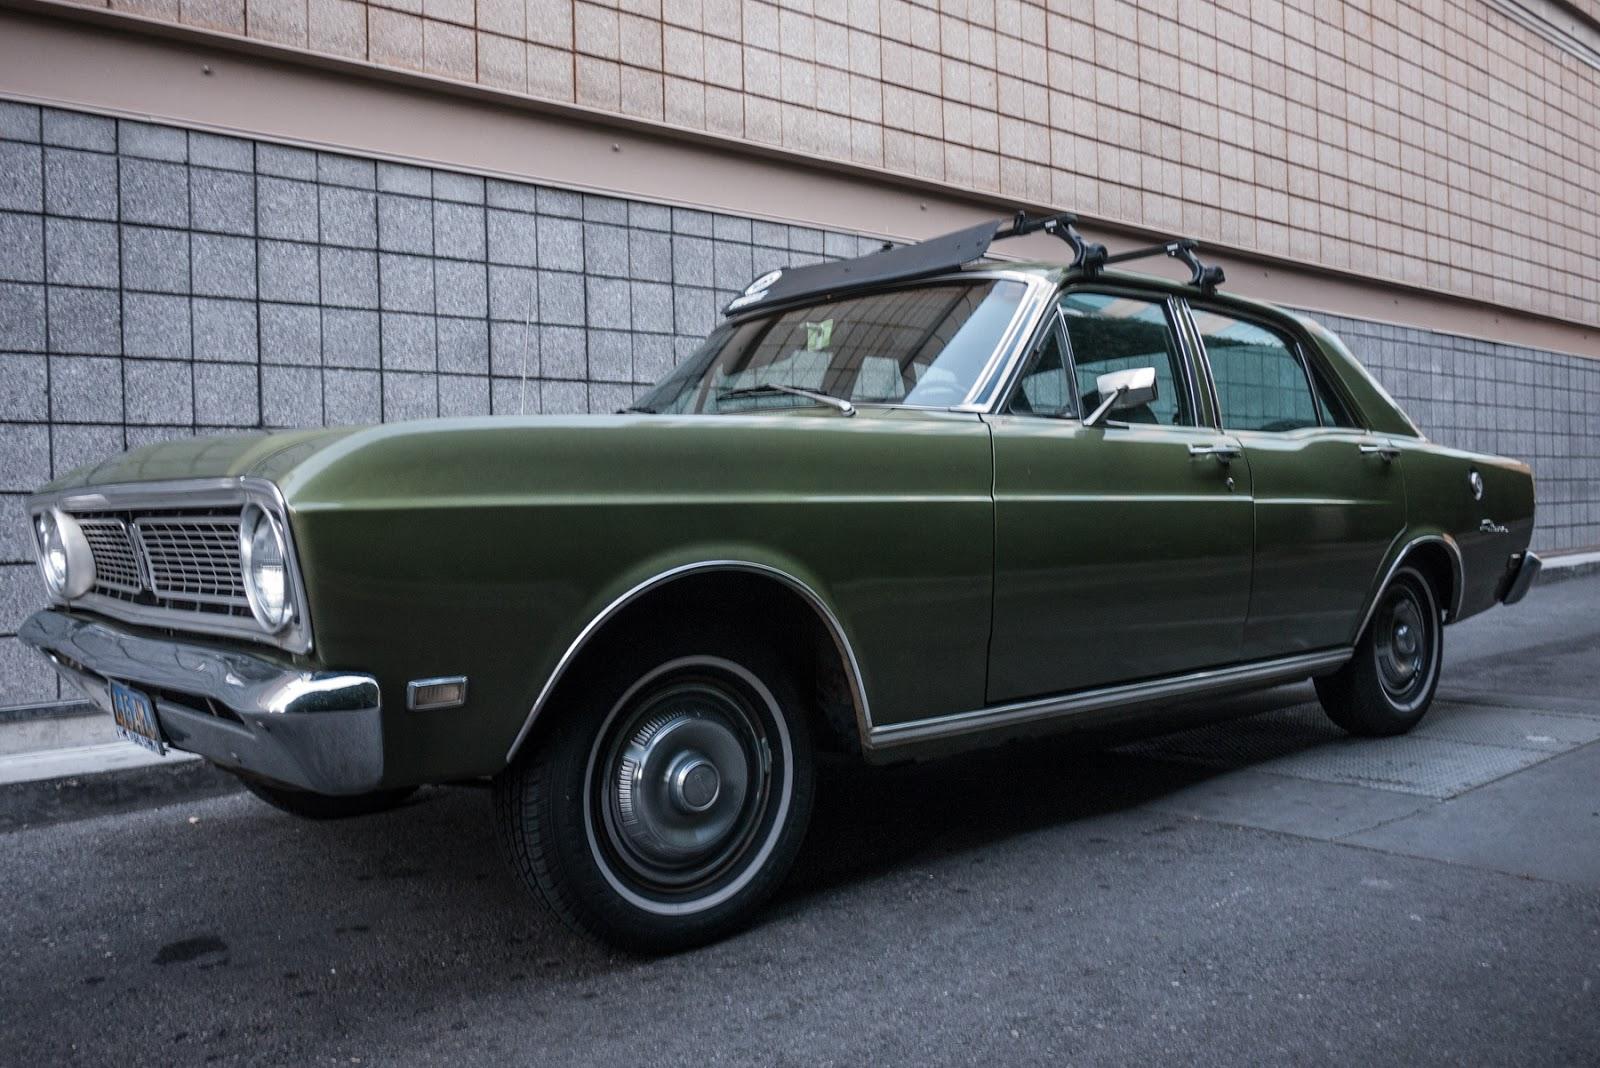 The Street Peep 1969 Ford Falcon Futura